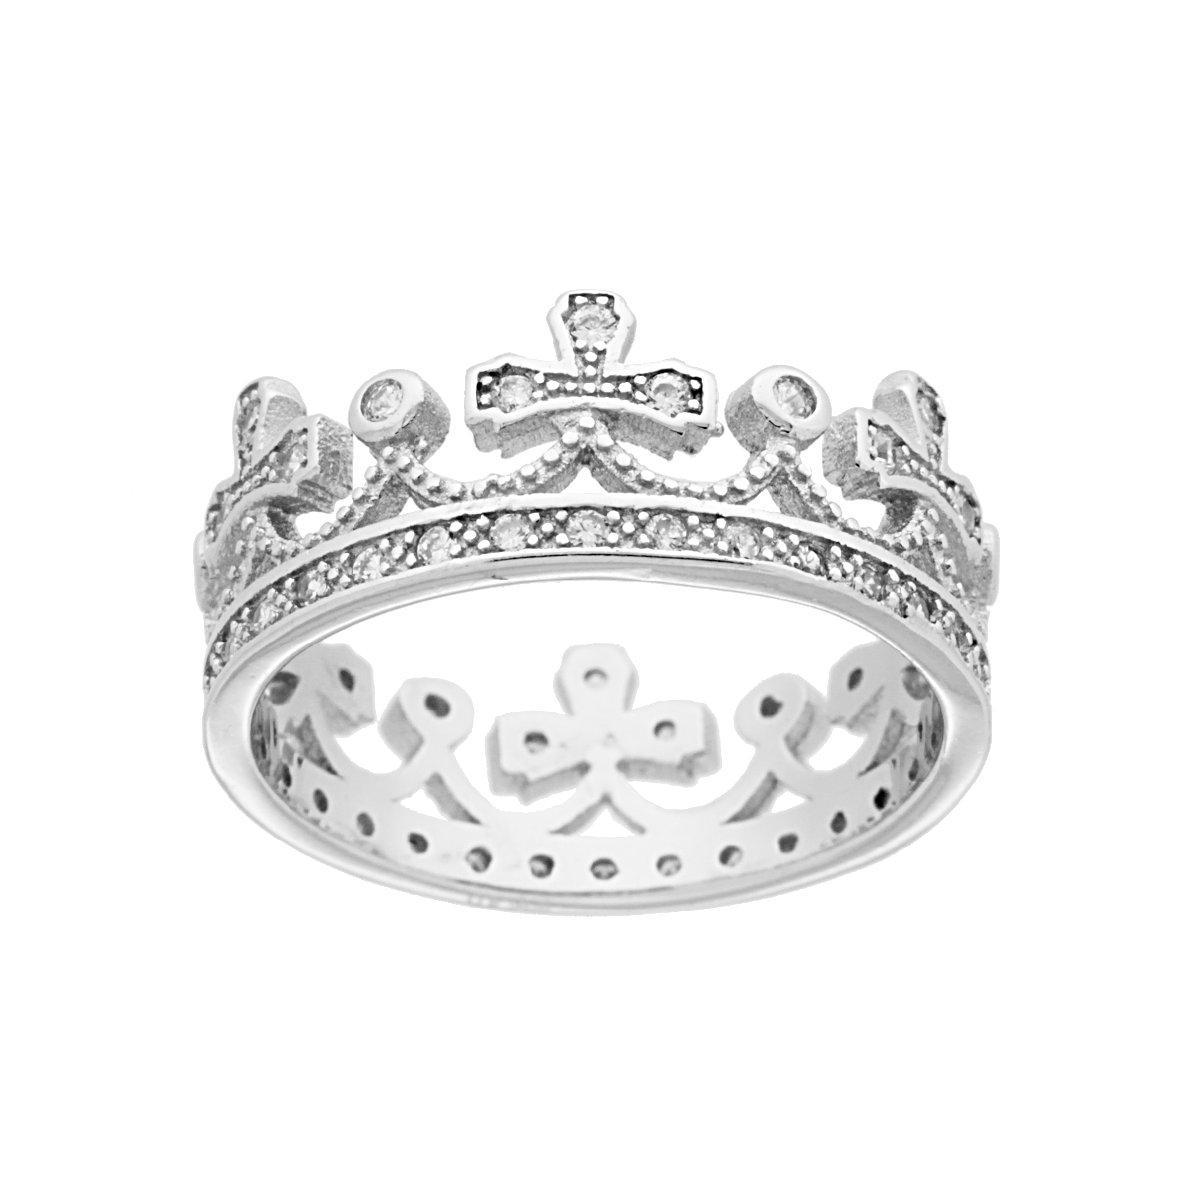 Anello con corona con zirconi bianchi placcato oro bianco in argento 925\u2030